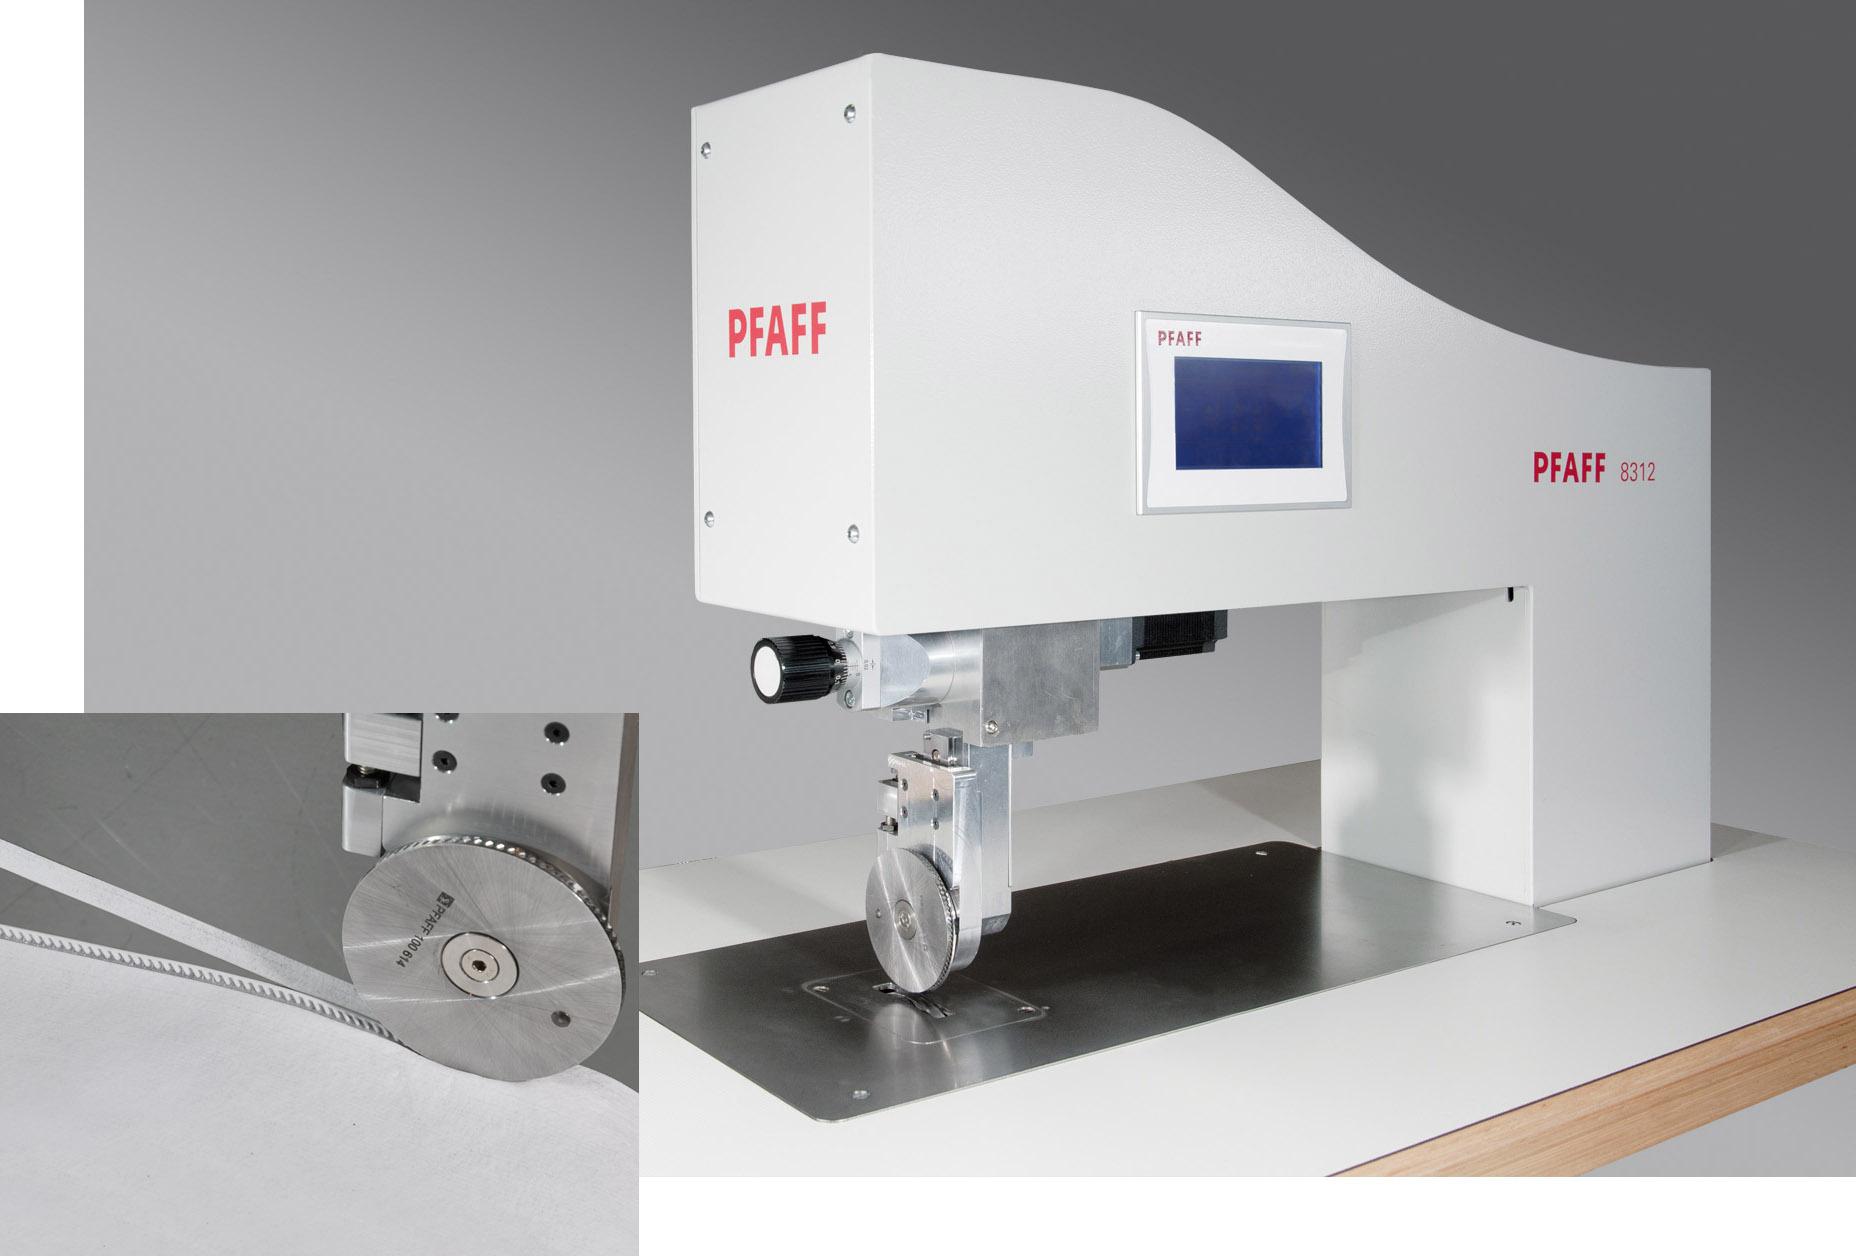 PFAFF Industrial at Texprocess 2013 - PFAFF Industriesysteme und Maschinen  GmbH - Press release